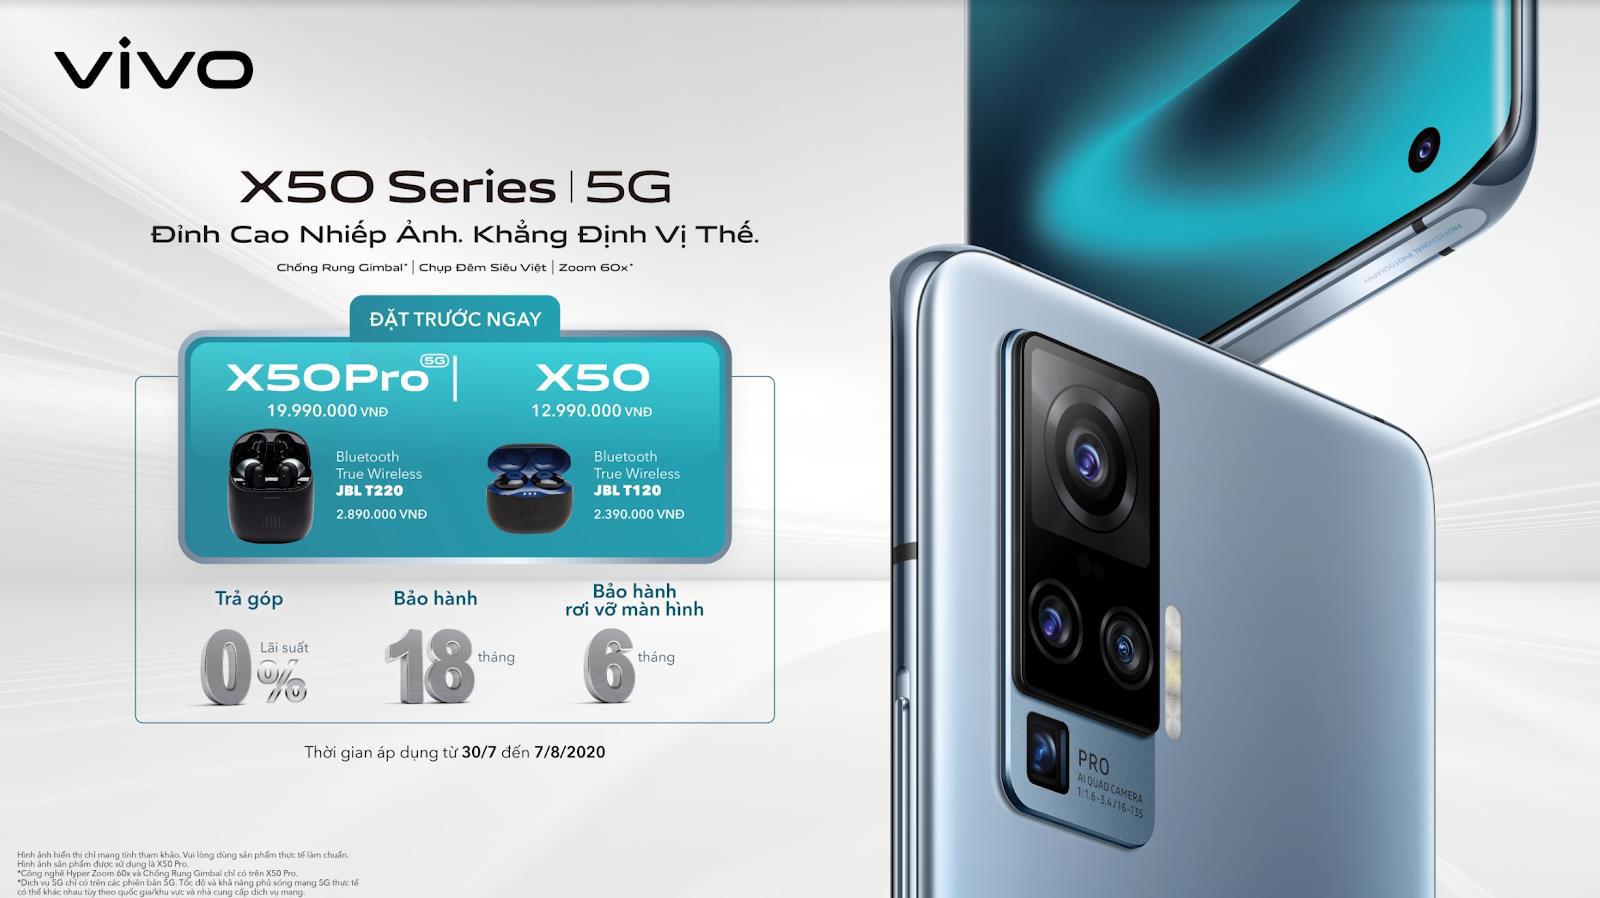 vivo X50 và vivo X50 Pro chính thức ra mắt tại Việt Nam: Camera Gimbal, chụp đêm siêu việt giá 12,99 và 19,99 triệu đồng cho hai phiên bản - Ảnh 5.